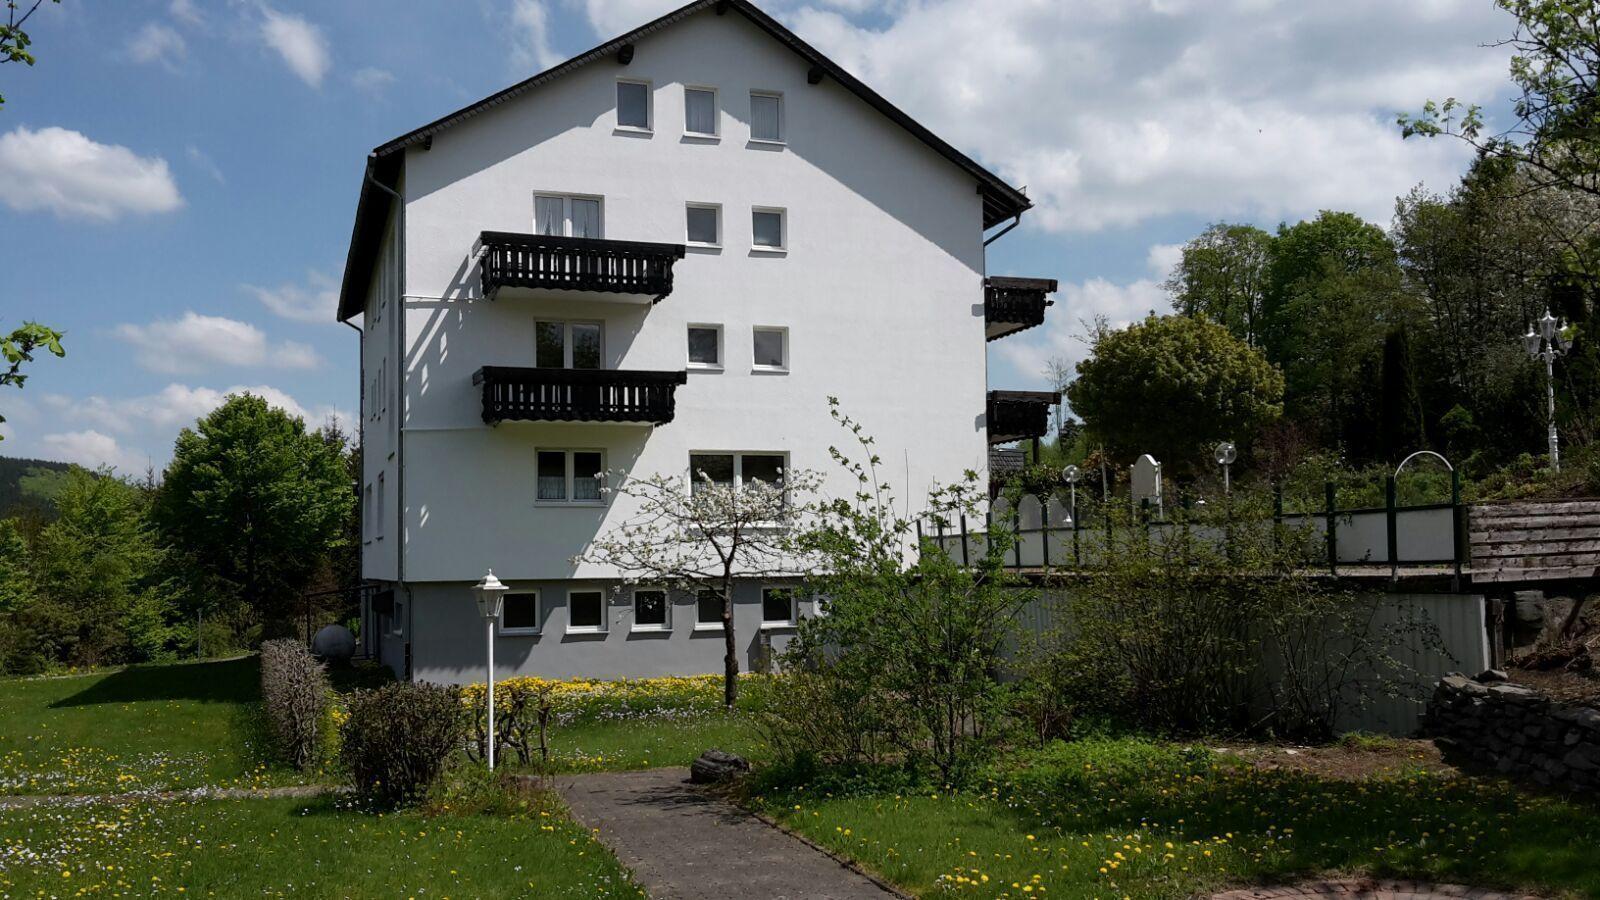 Afbeelding van MEDEBACH-KüSTELBERG